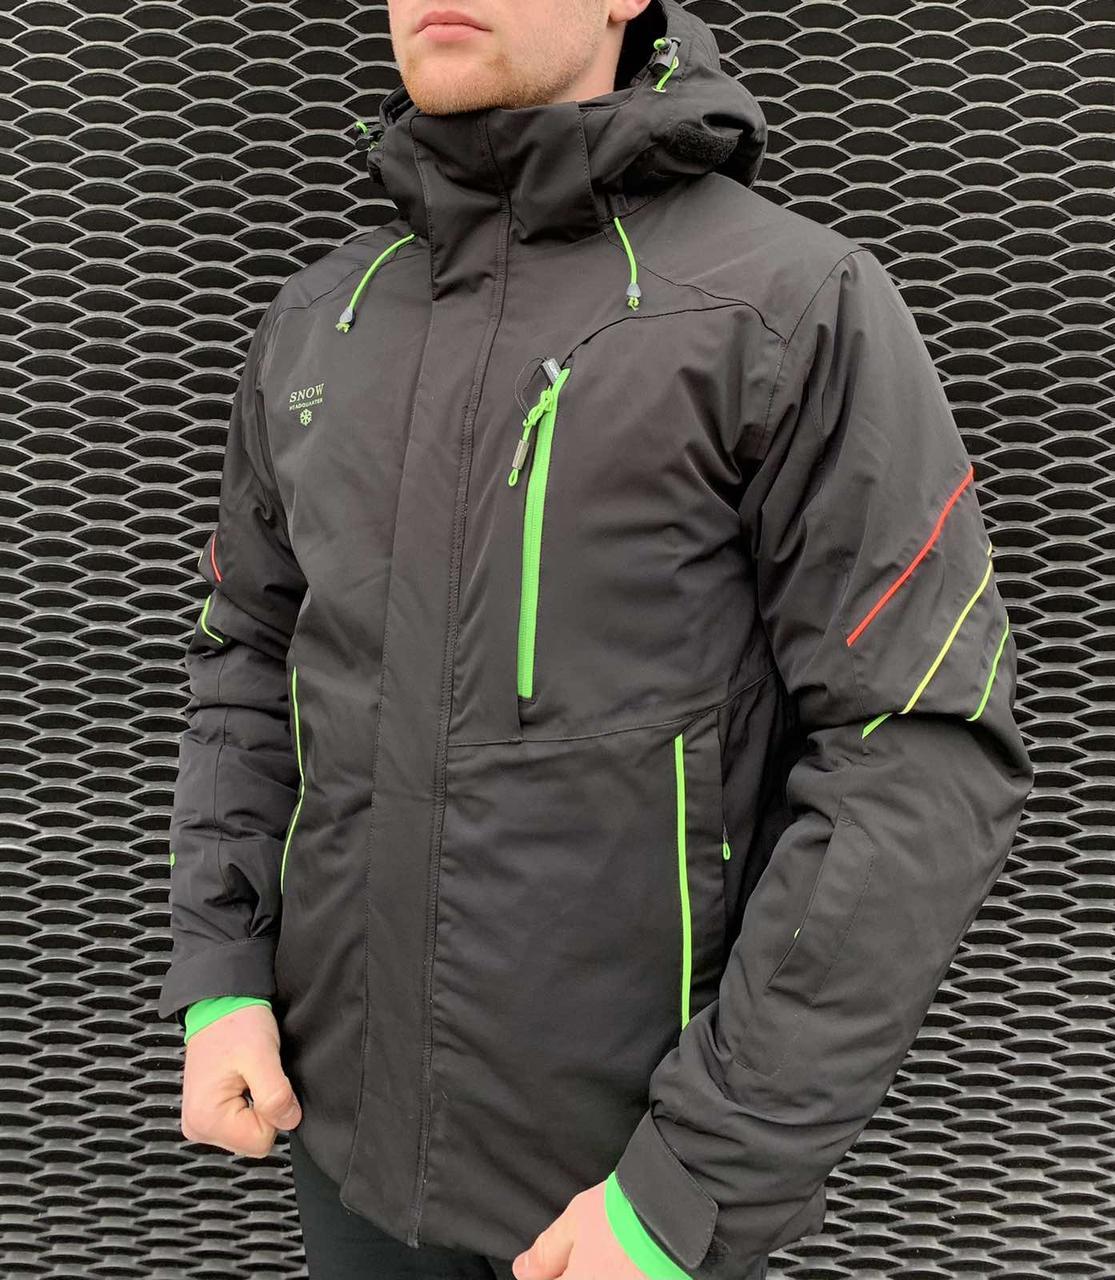 Чоловіча гірськолижна куртка Snow Headqurarter чорна L\XL